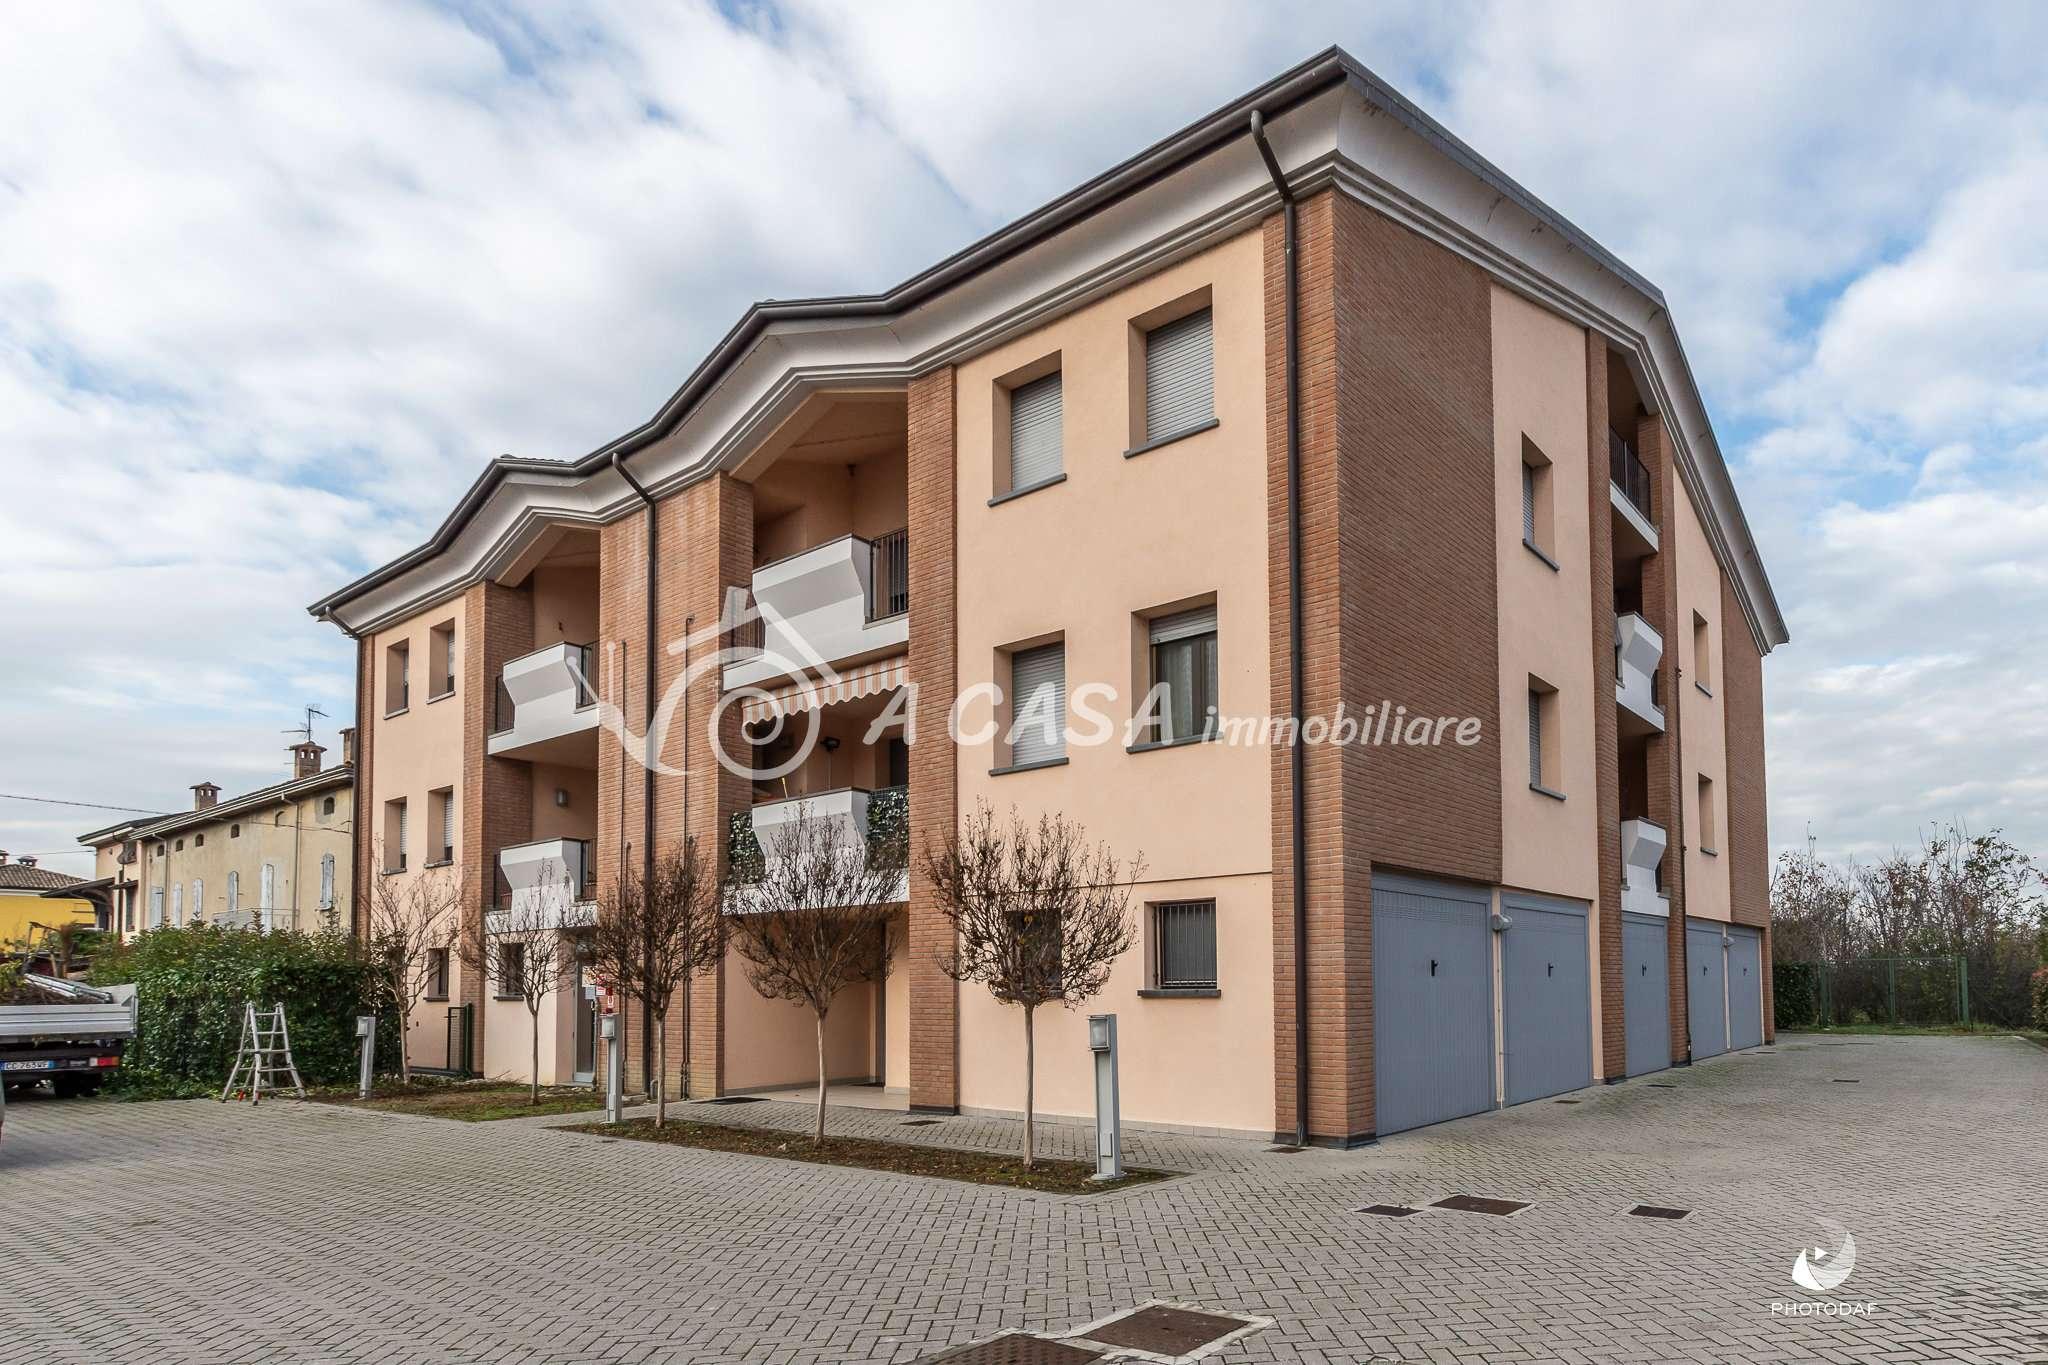 Appartamento con GIARDINO e doppi servizi